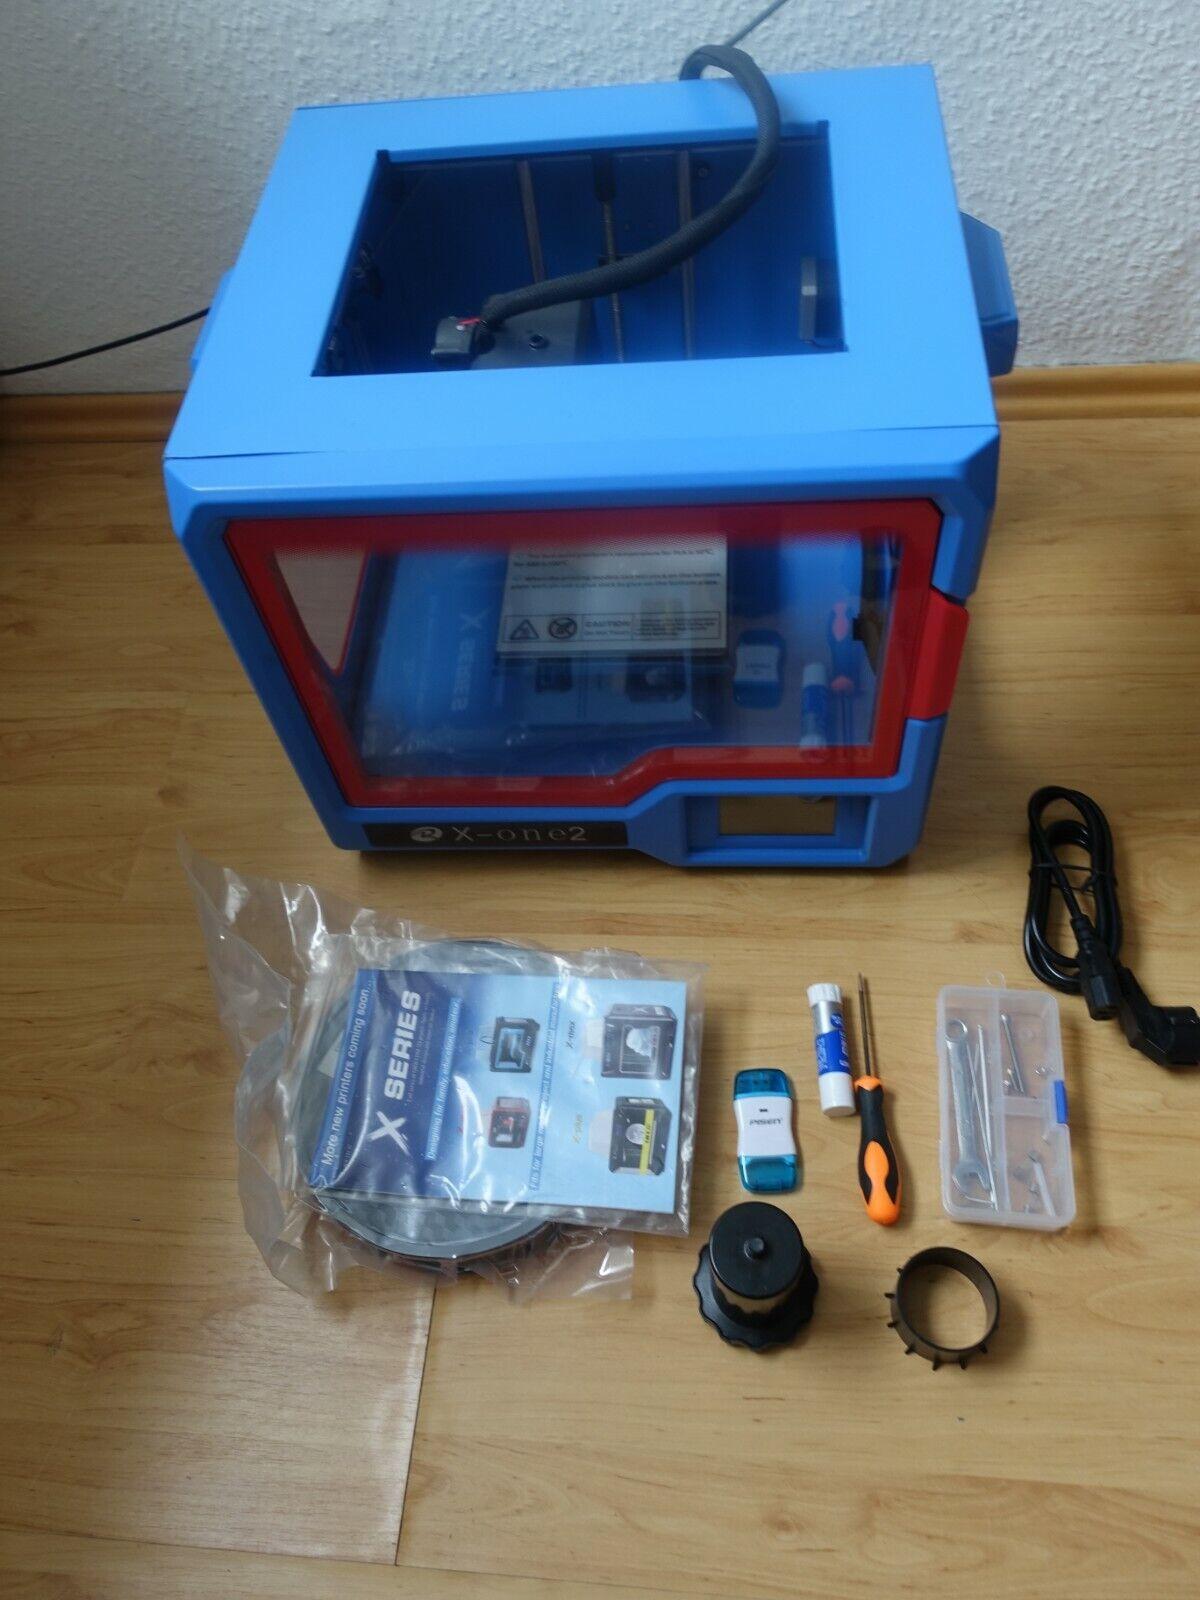 3D Drucker,Printer QIDI TECHNOLOGY X-one 2,Touchscreen,neu,3 D,